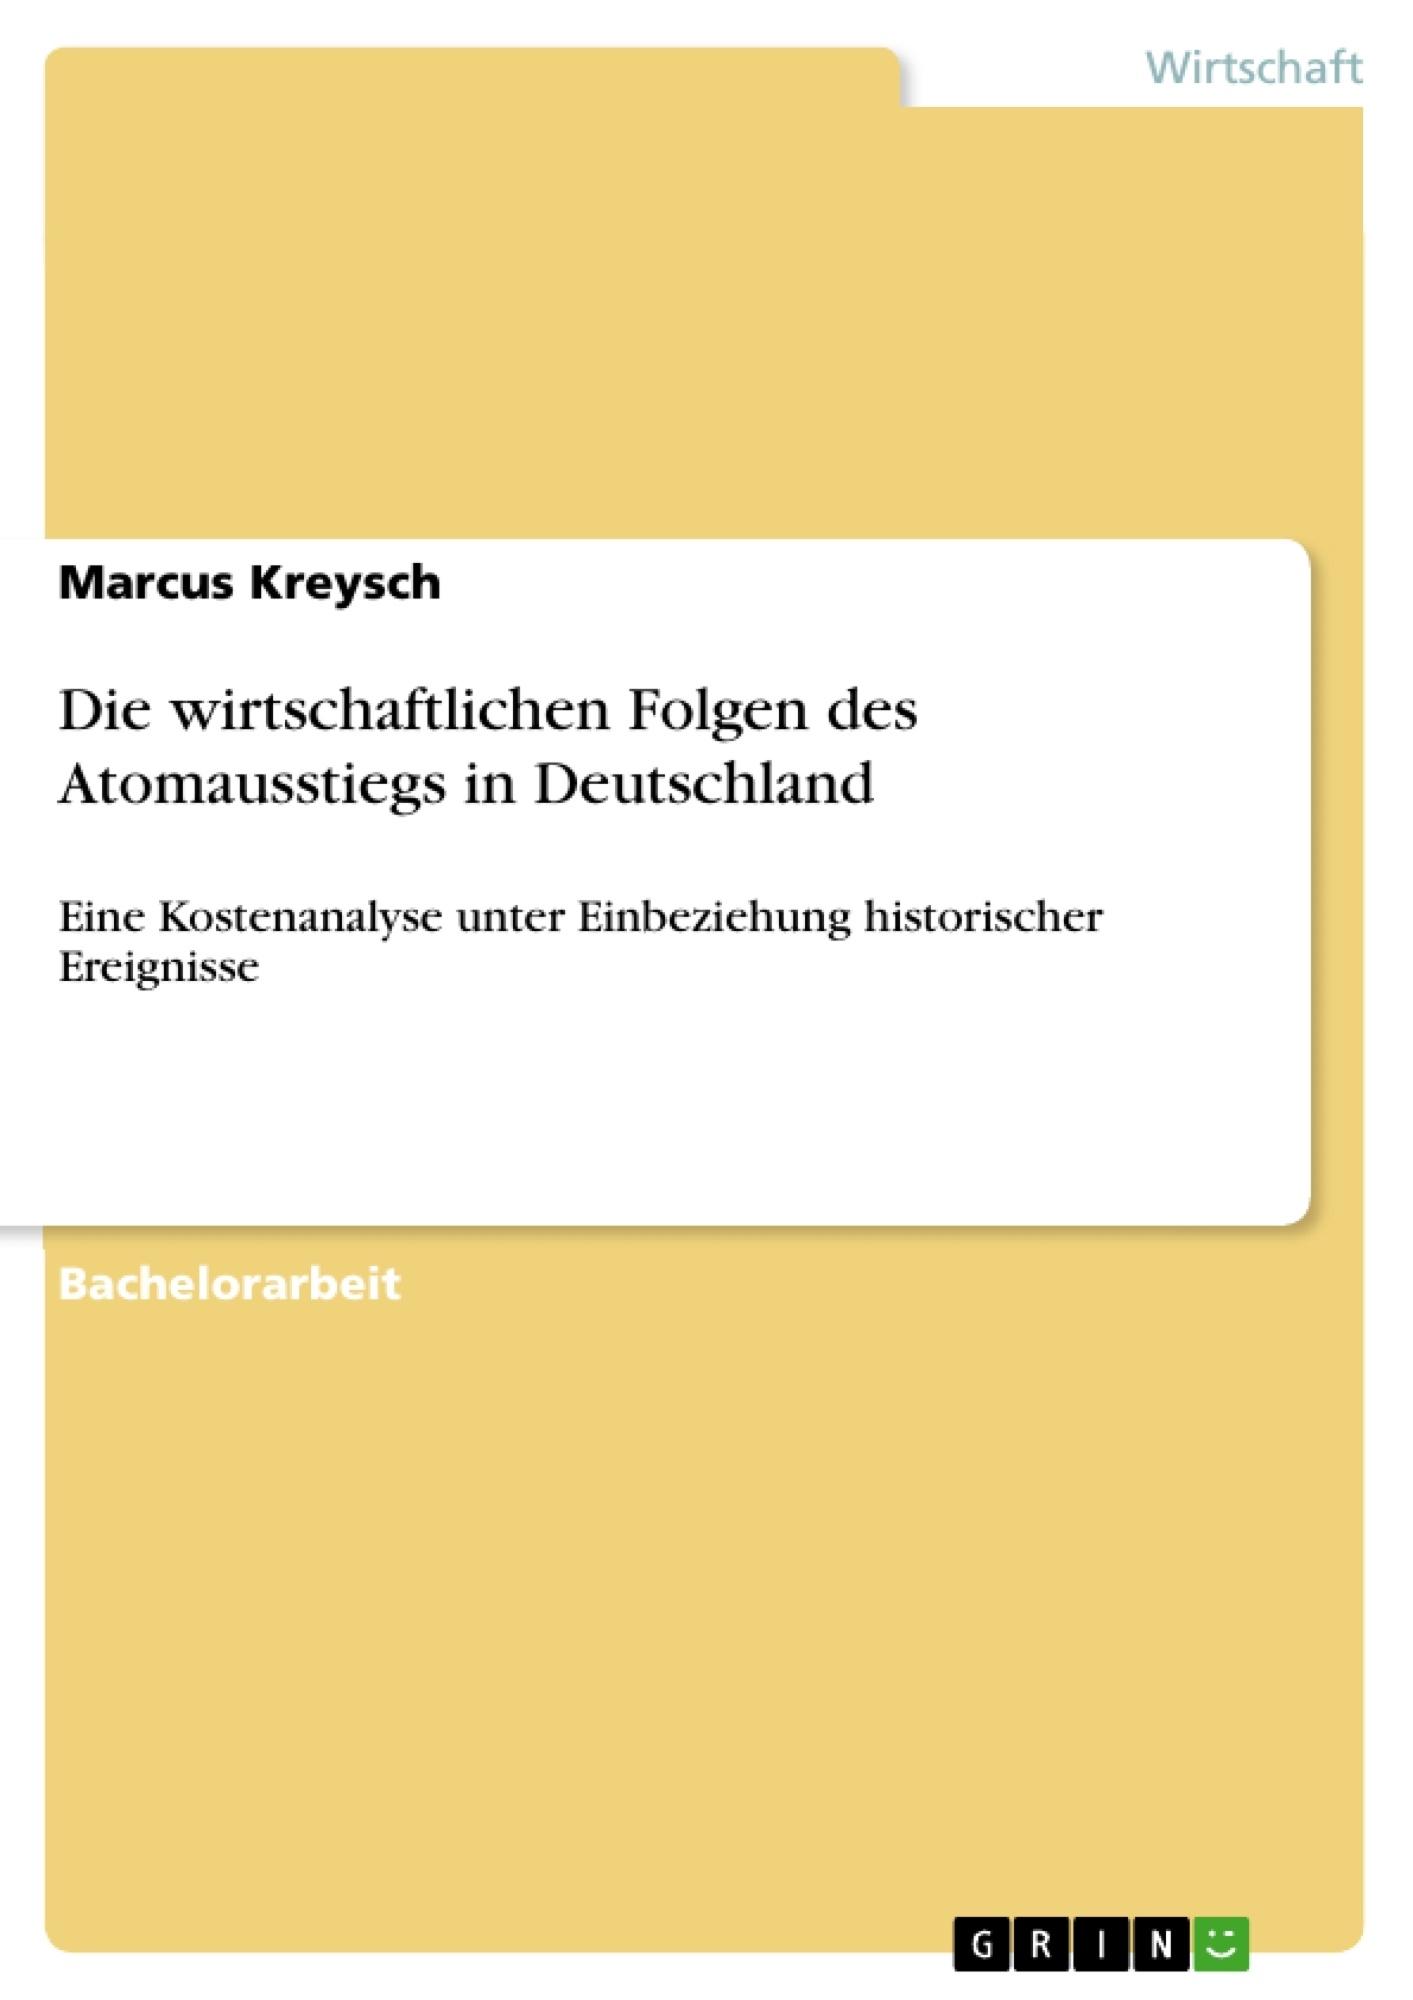 Titel: Die wirtschaftlichen Folgen des Atomausstiegs in Deutschland